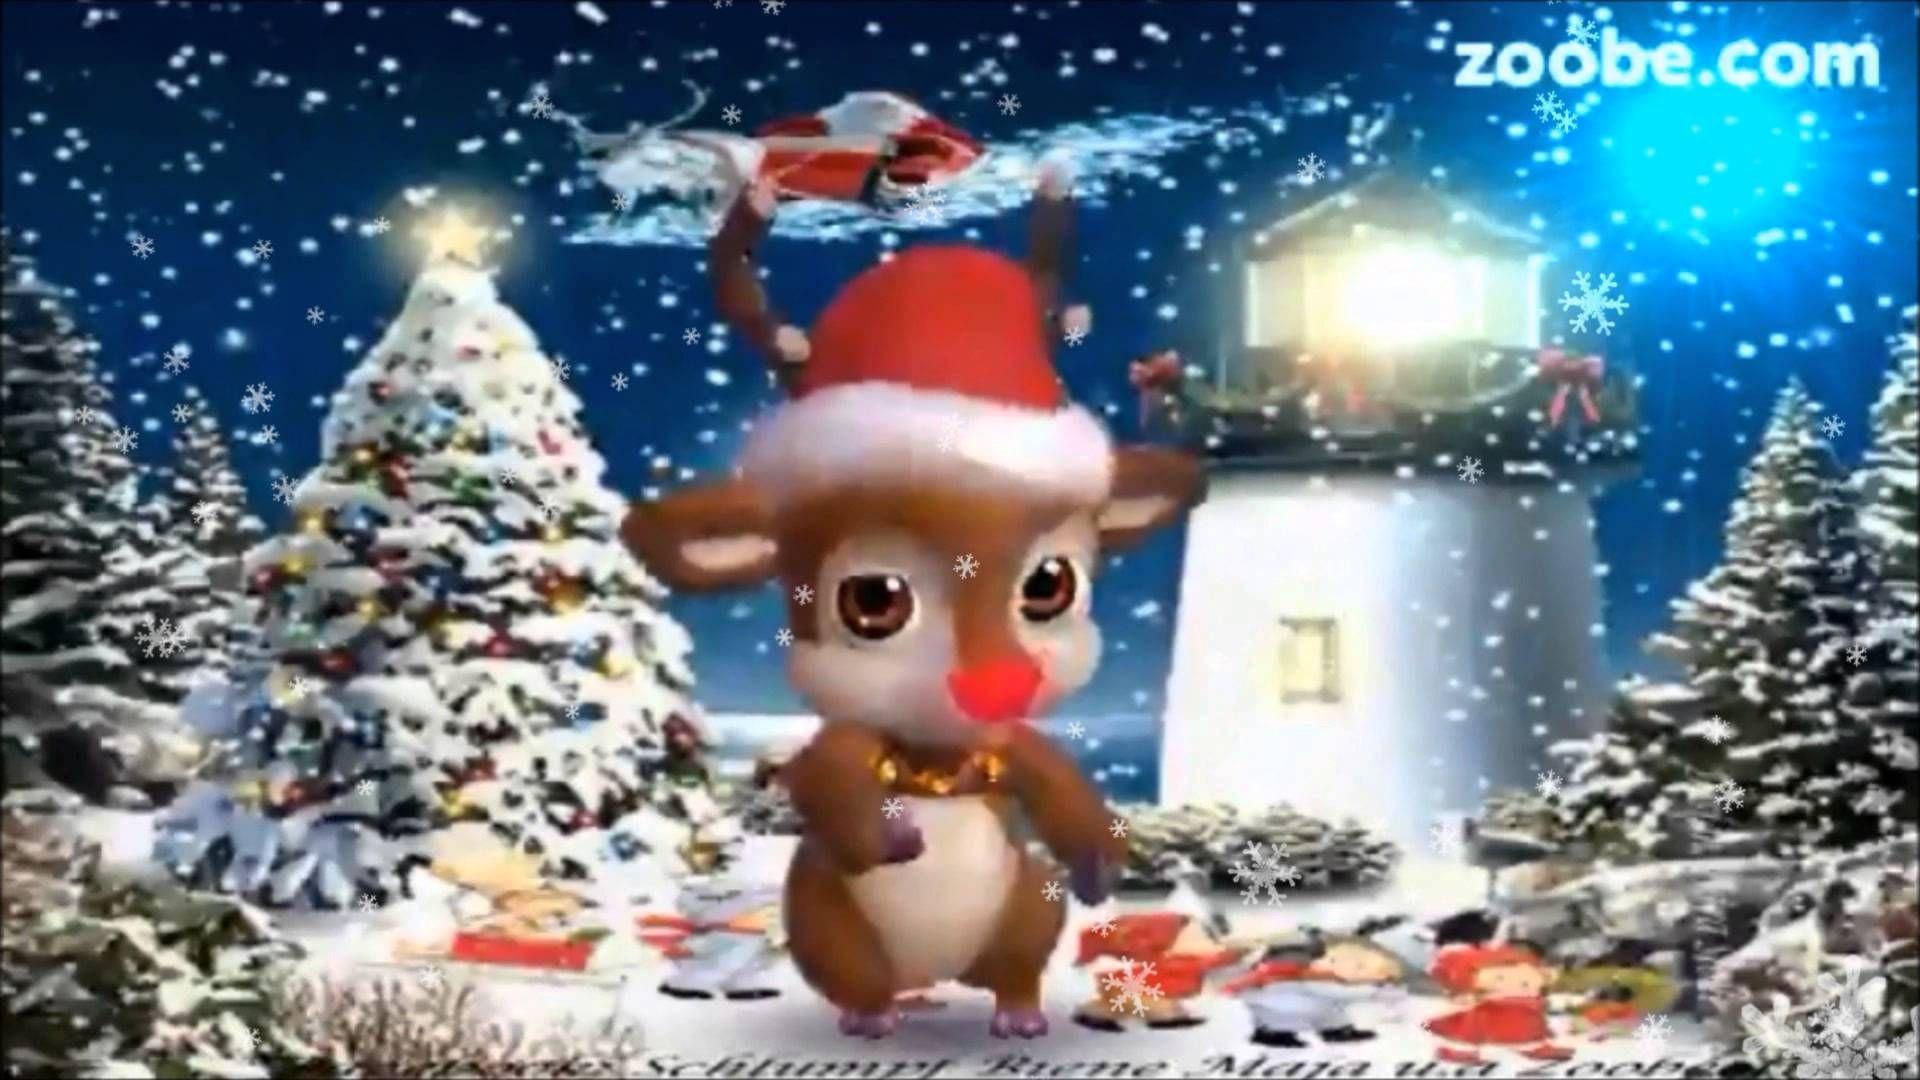 frohes fest ich schicke dir weihnachtsterne weihnachten weihnac pelz